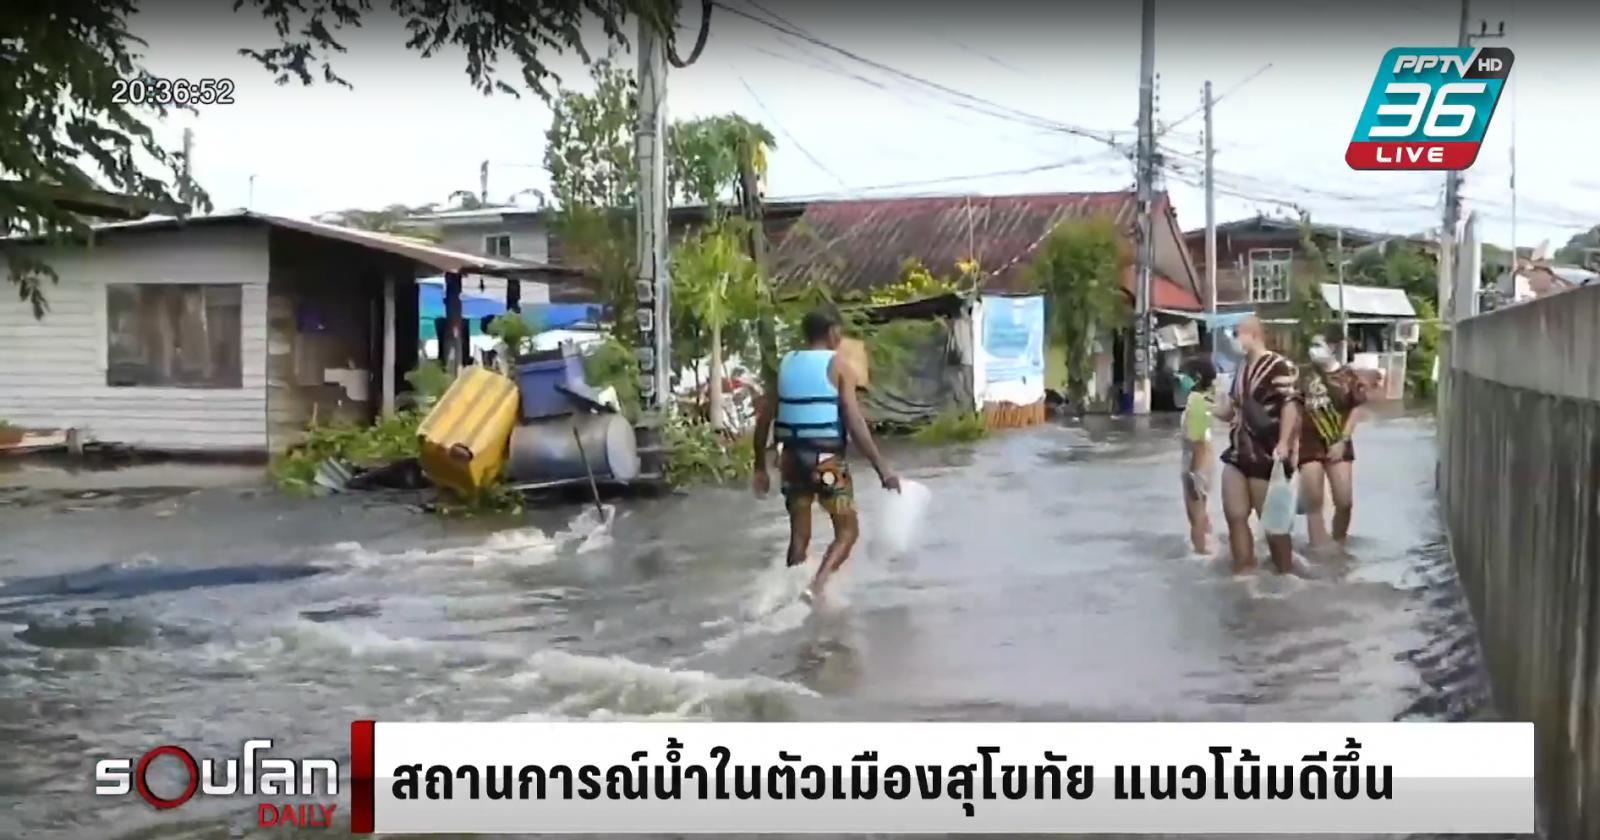 สถานการณ์น้ำในตัวเมืองสุโขทัย แนวโน้มดีขึ้น